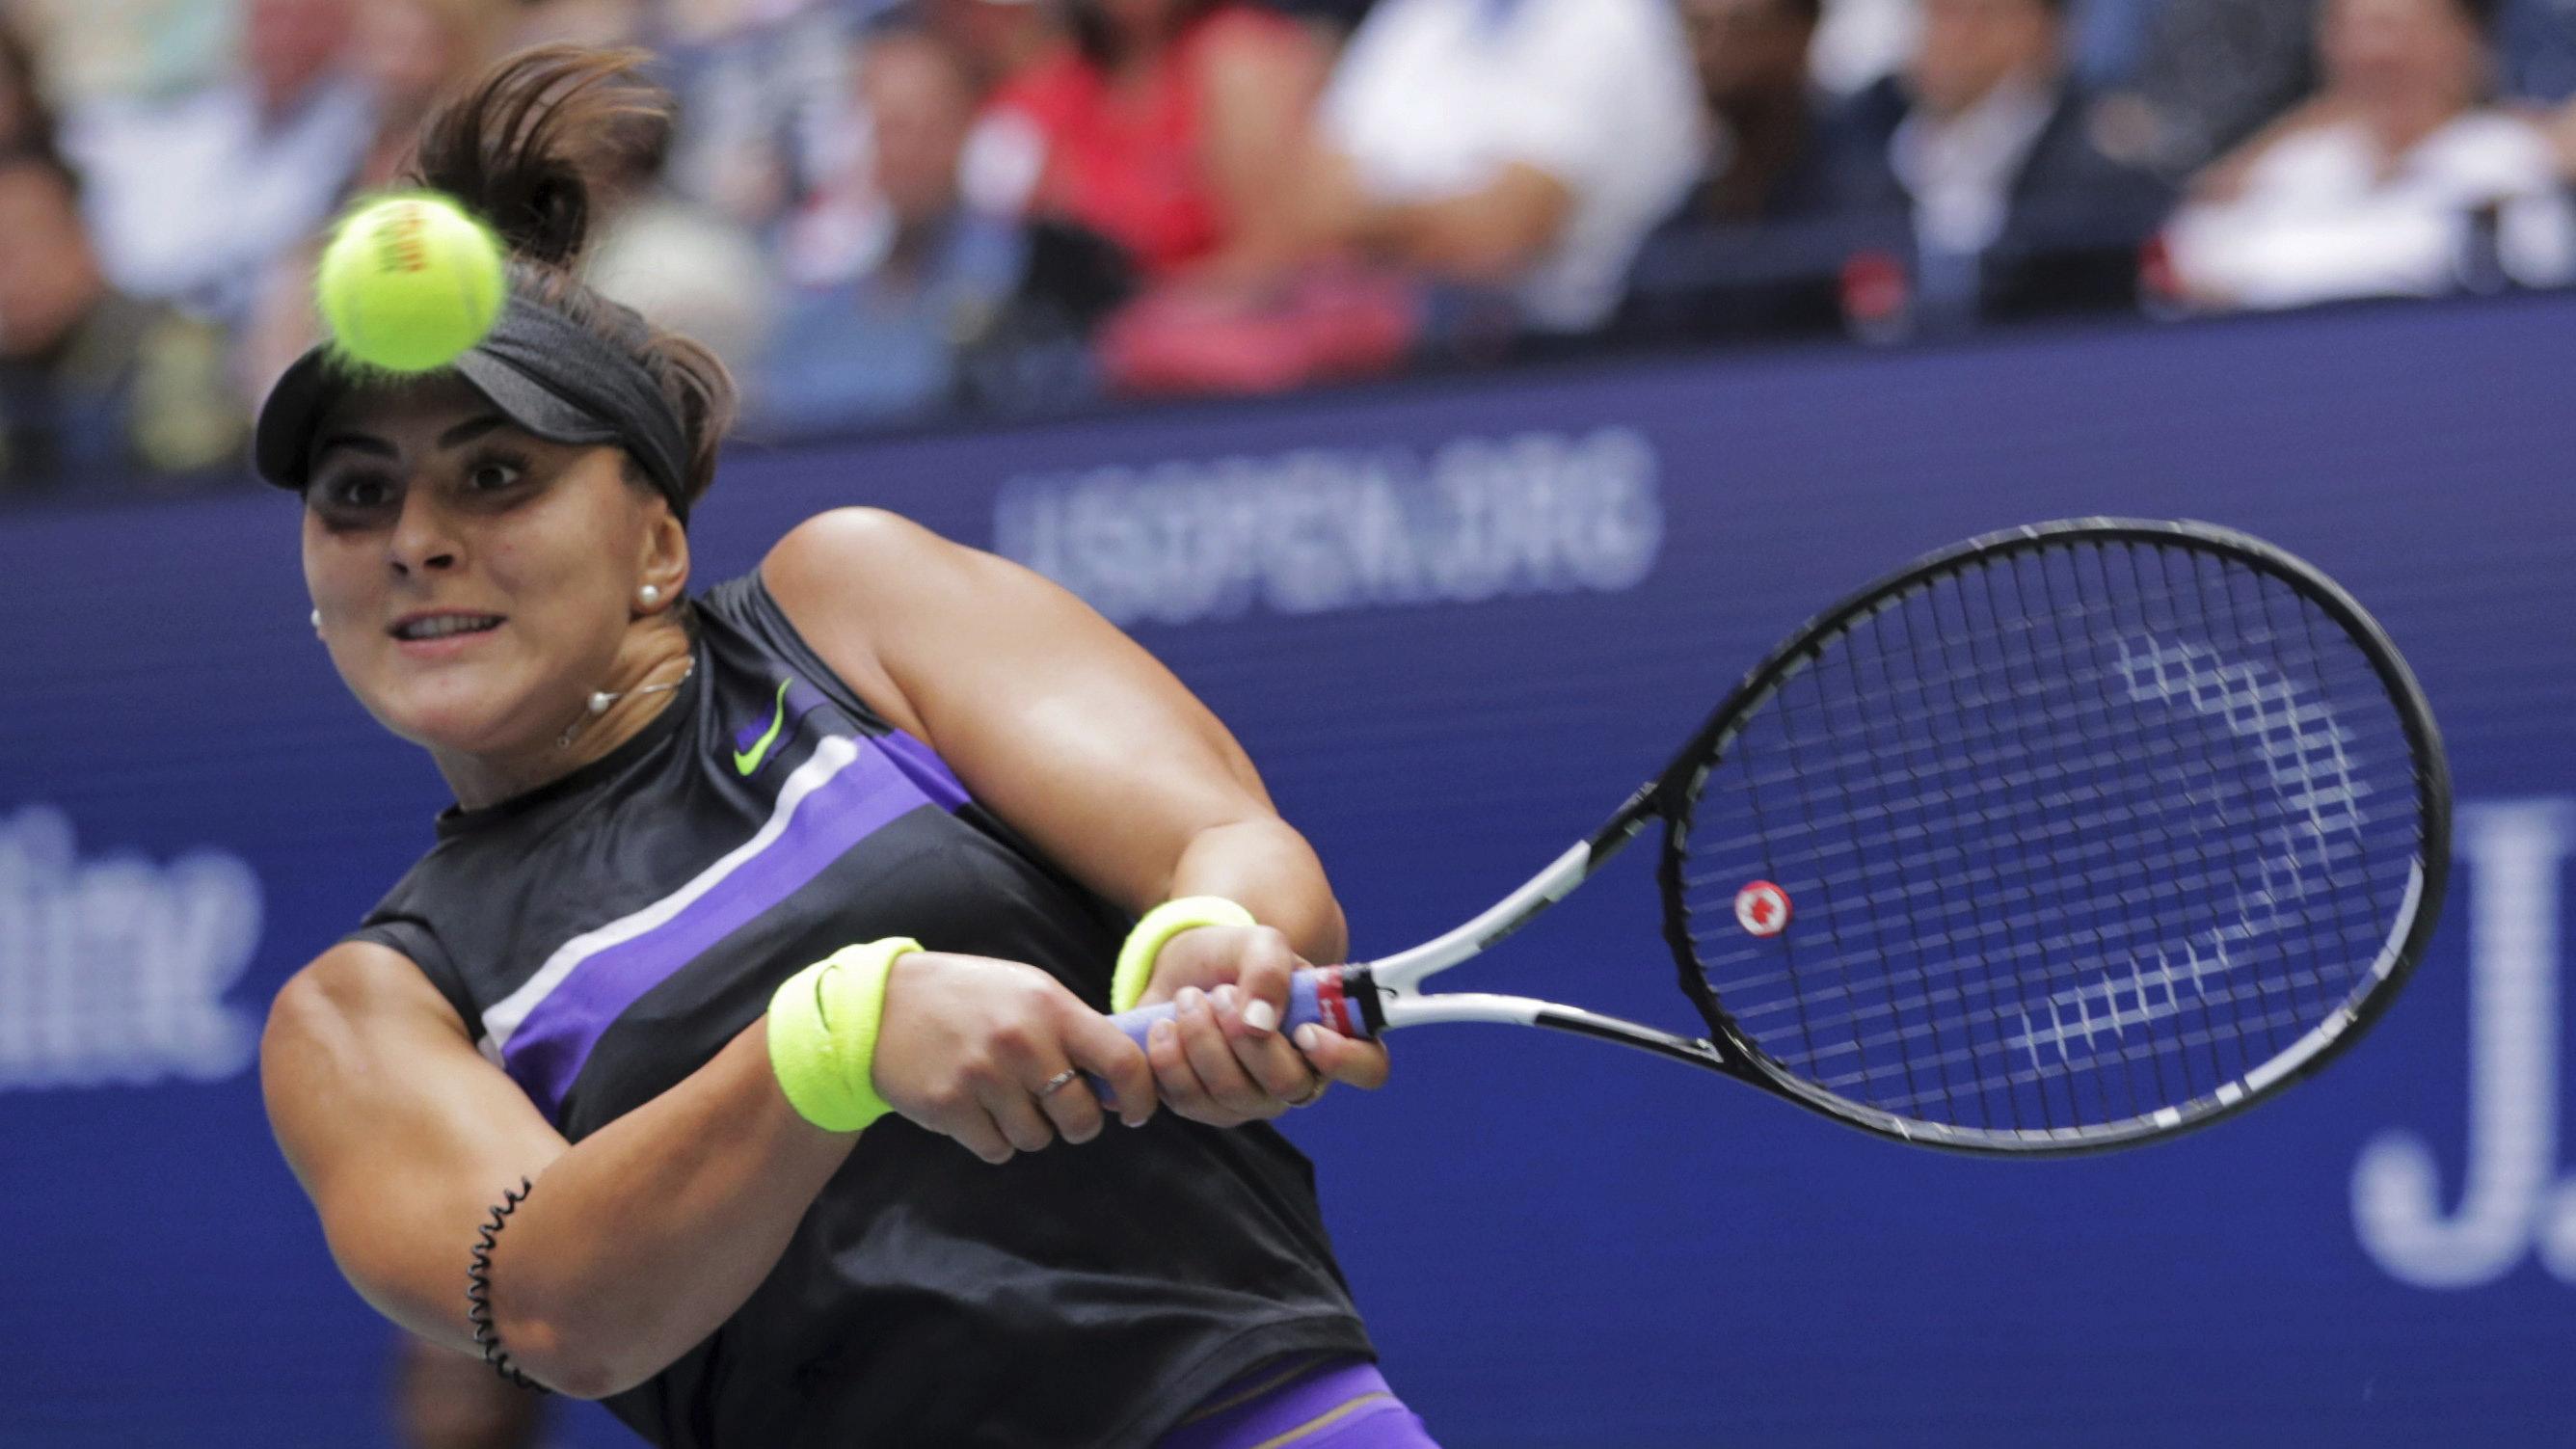 Biana Andreescu a câștigat US OPEN. A învins-o pe Serena Williams. Primul său Grand Slam